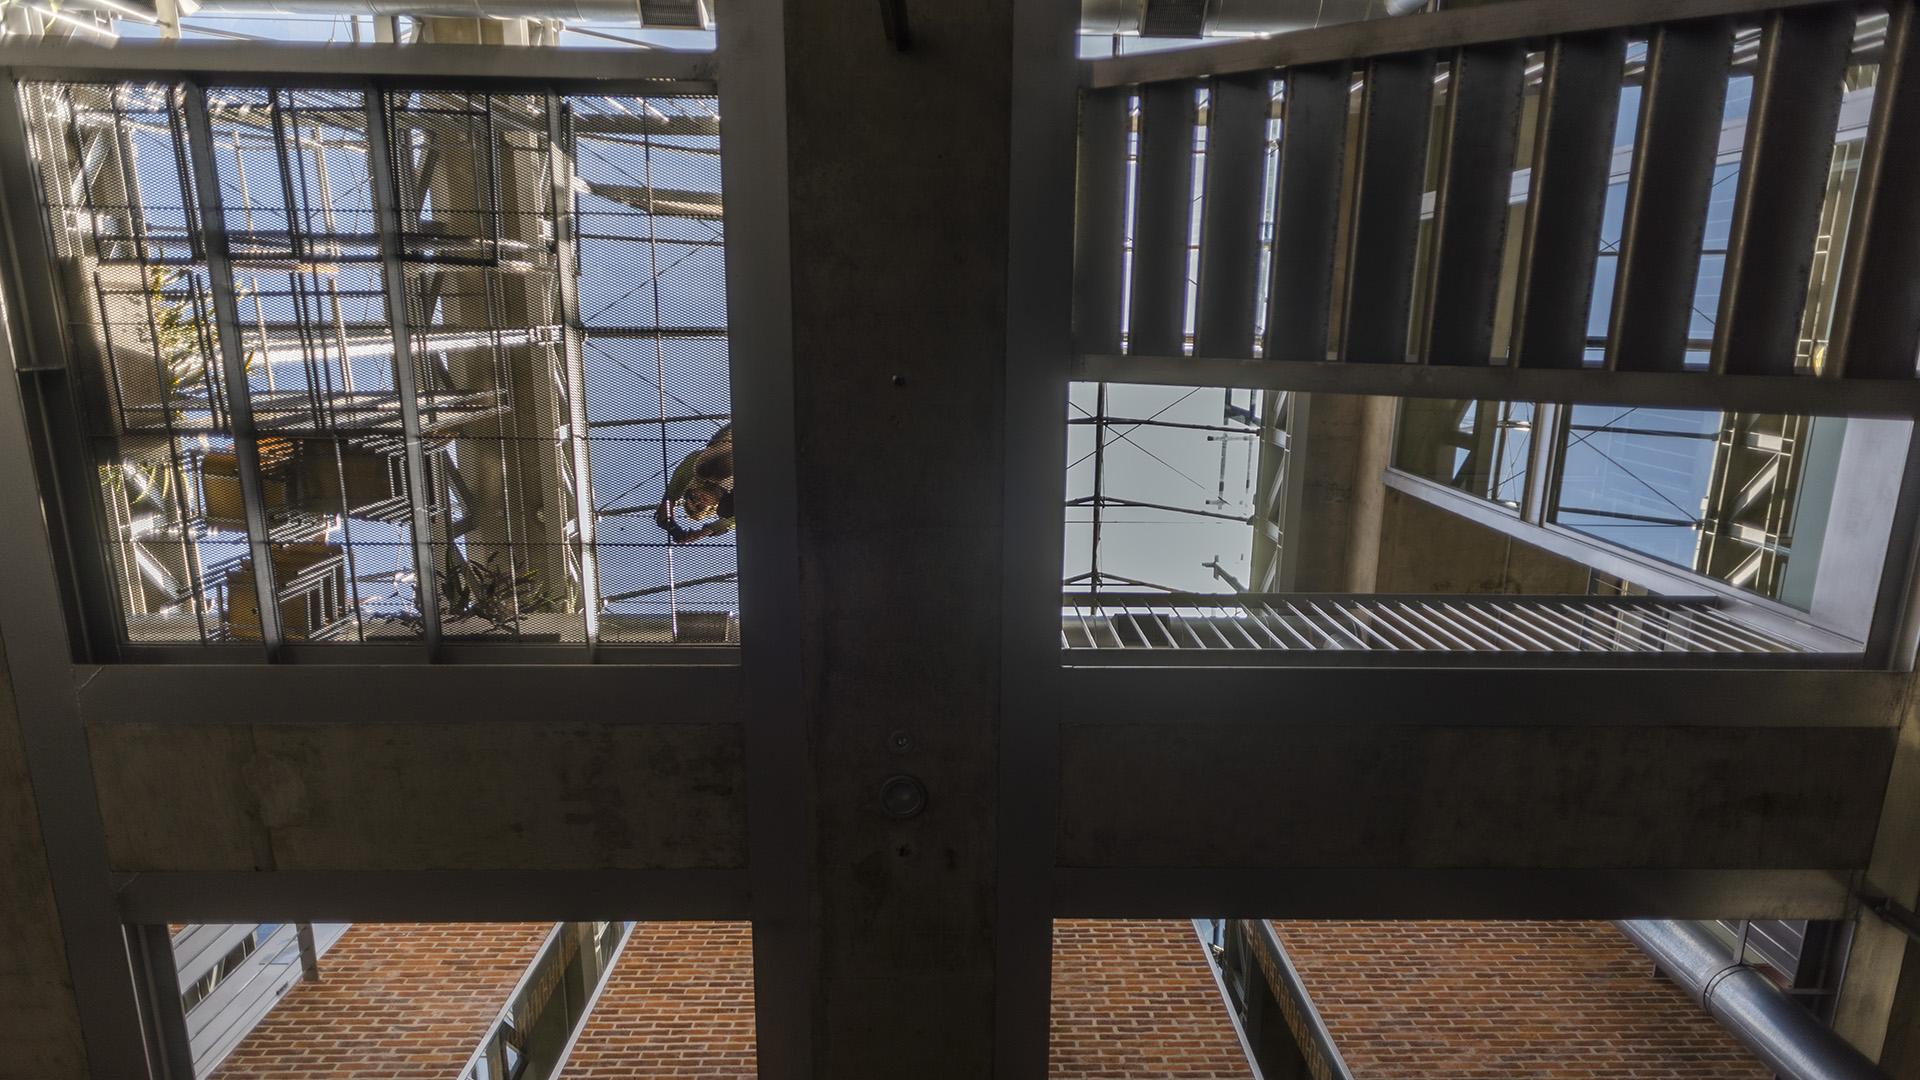 El sistema de planos paralelos, recortados irregularmente, de hierro y hormigón que construye las pasarelas, patios y los entrepisos, define violentamente las vinculaciones horizontales y verticales